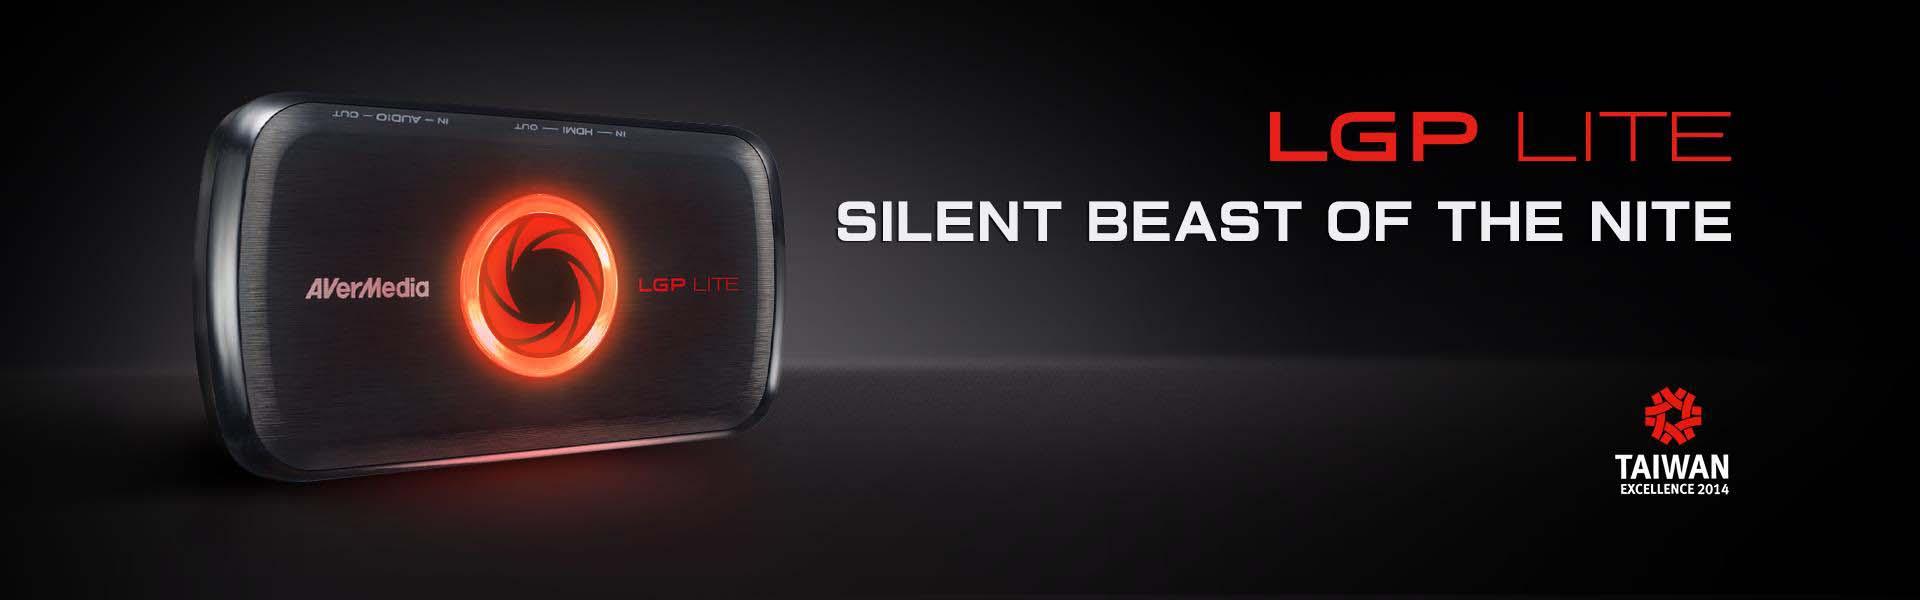 Jual AVerMedia LGP Lite GL310 Harga Terbaik dan Spesifikasi